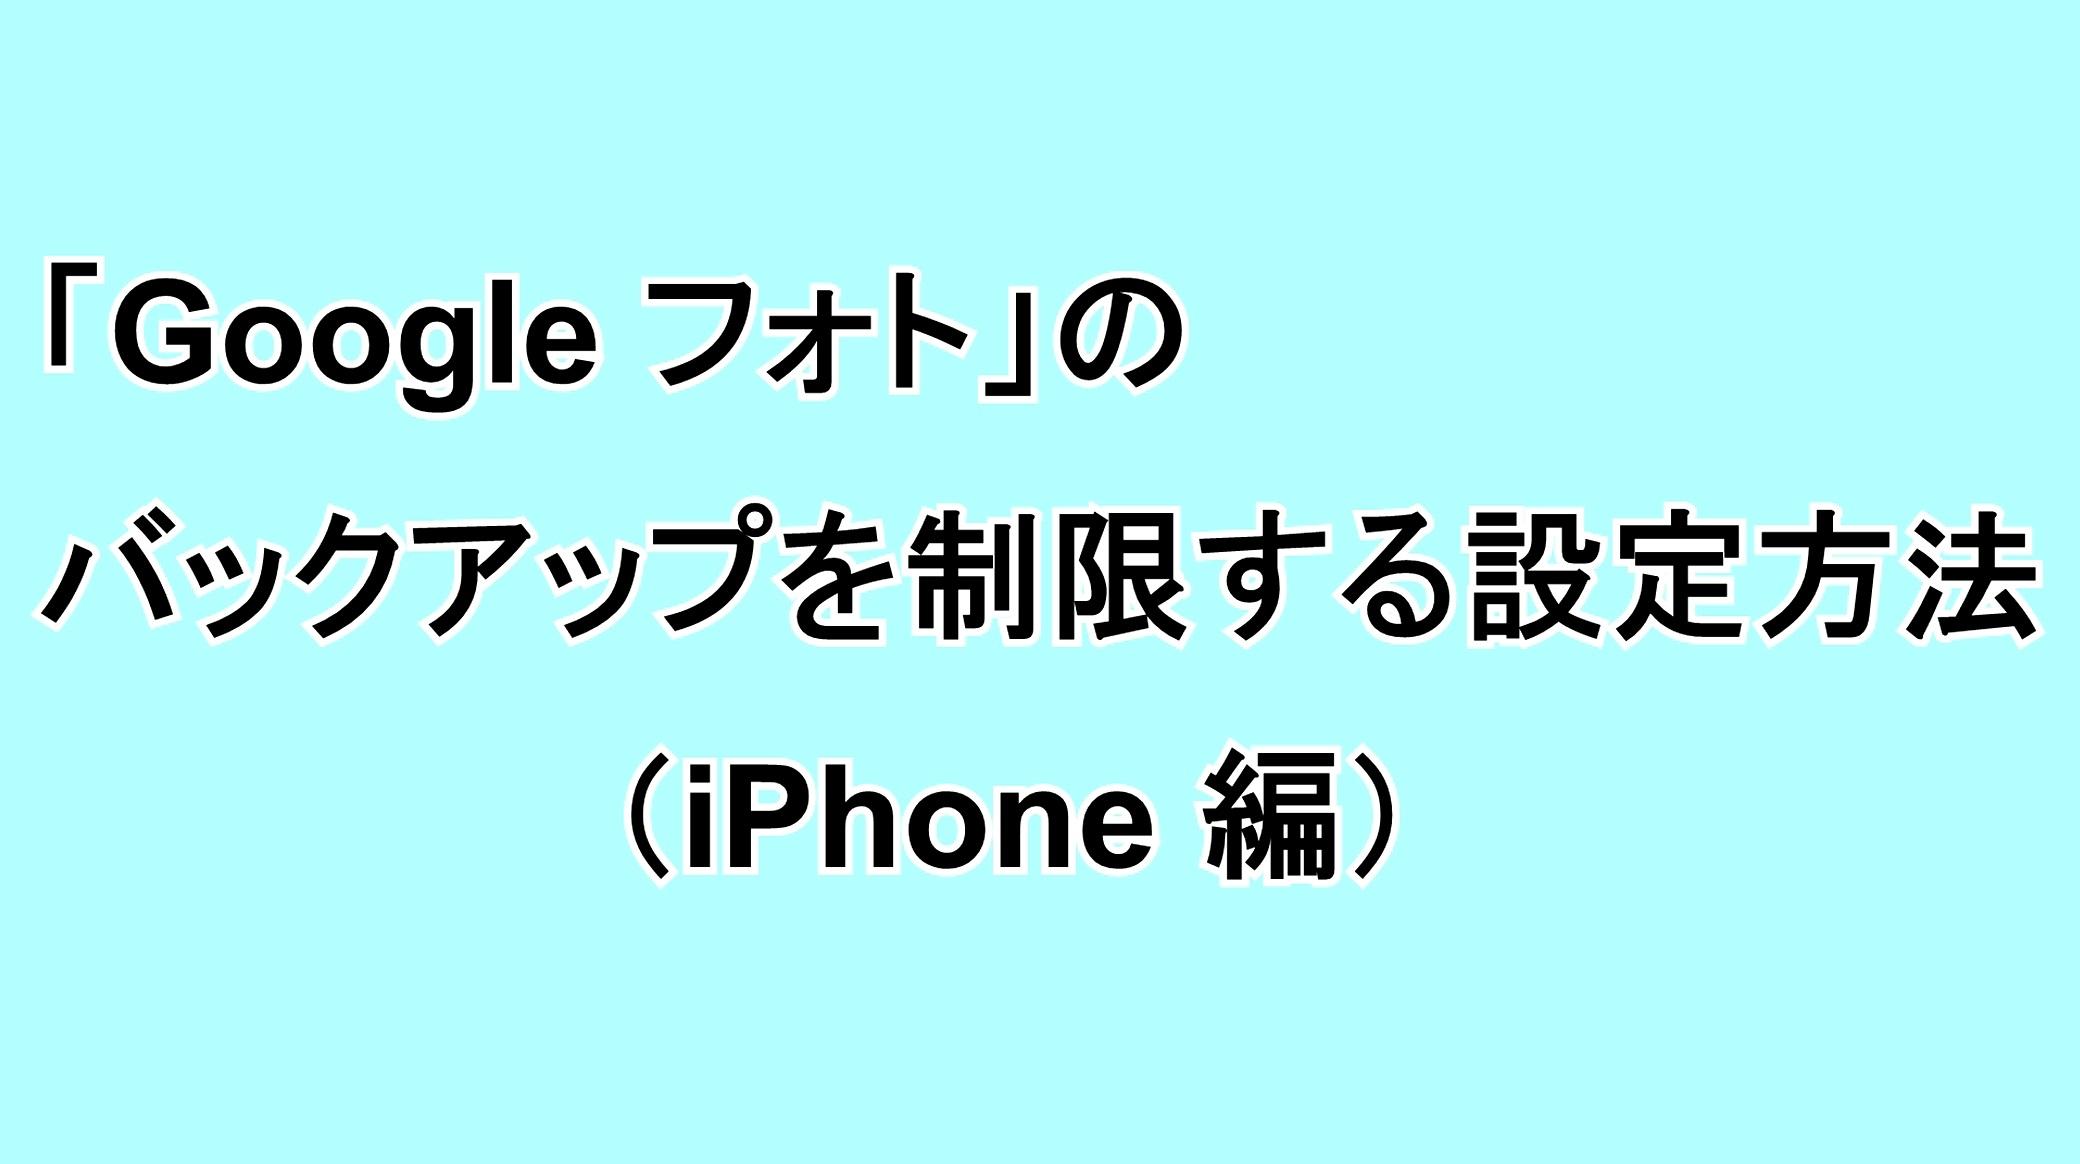 「Google フォト」でバックアップを制限する設定方法(iPhone編)